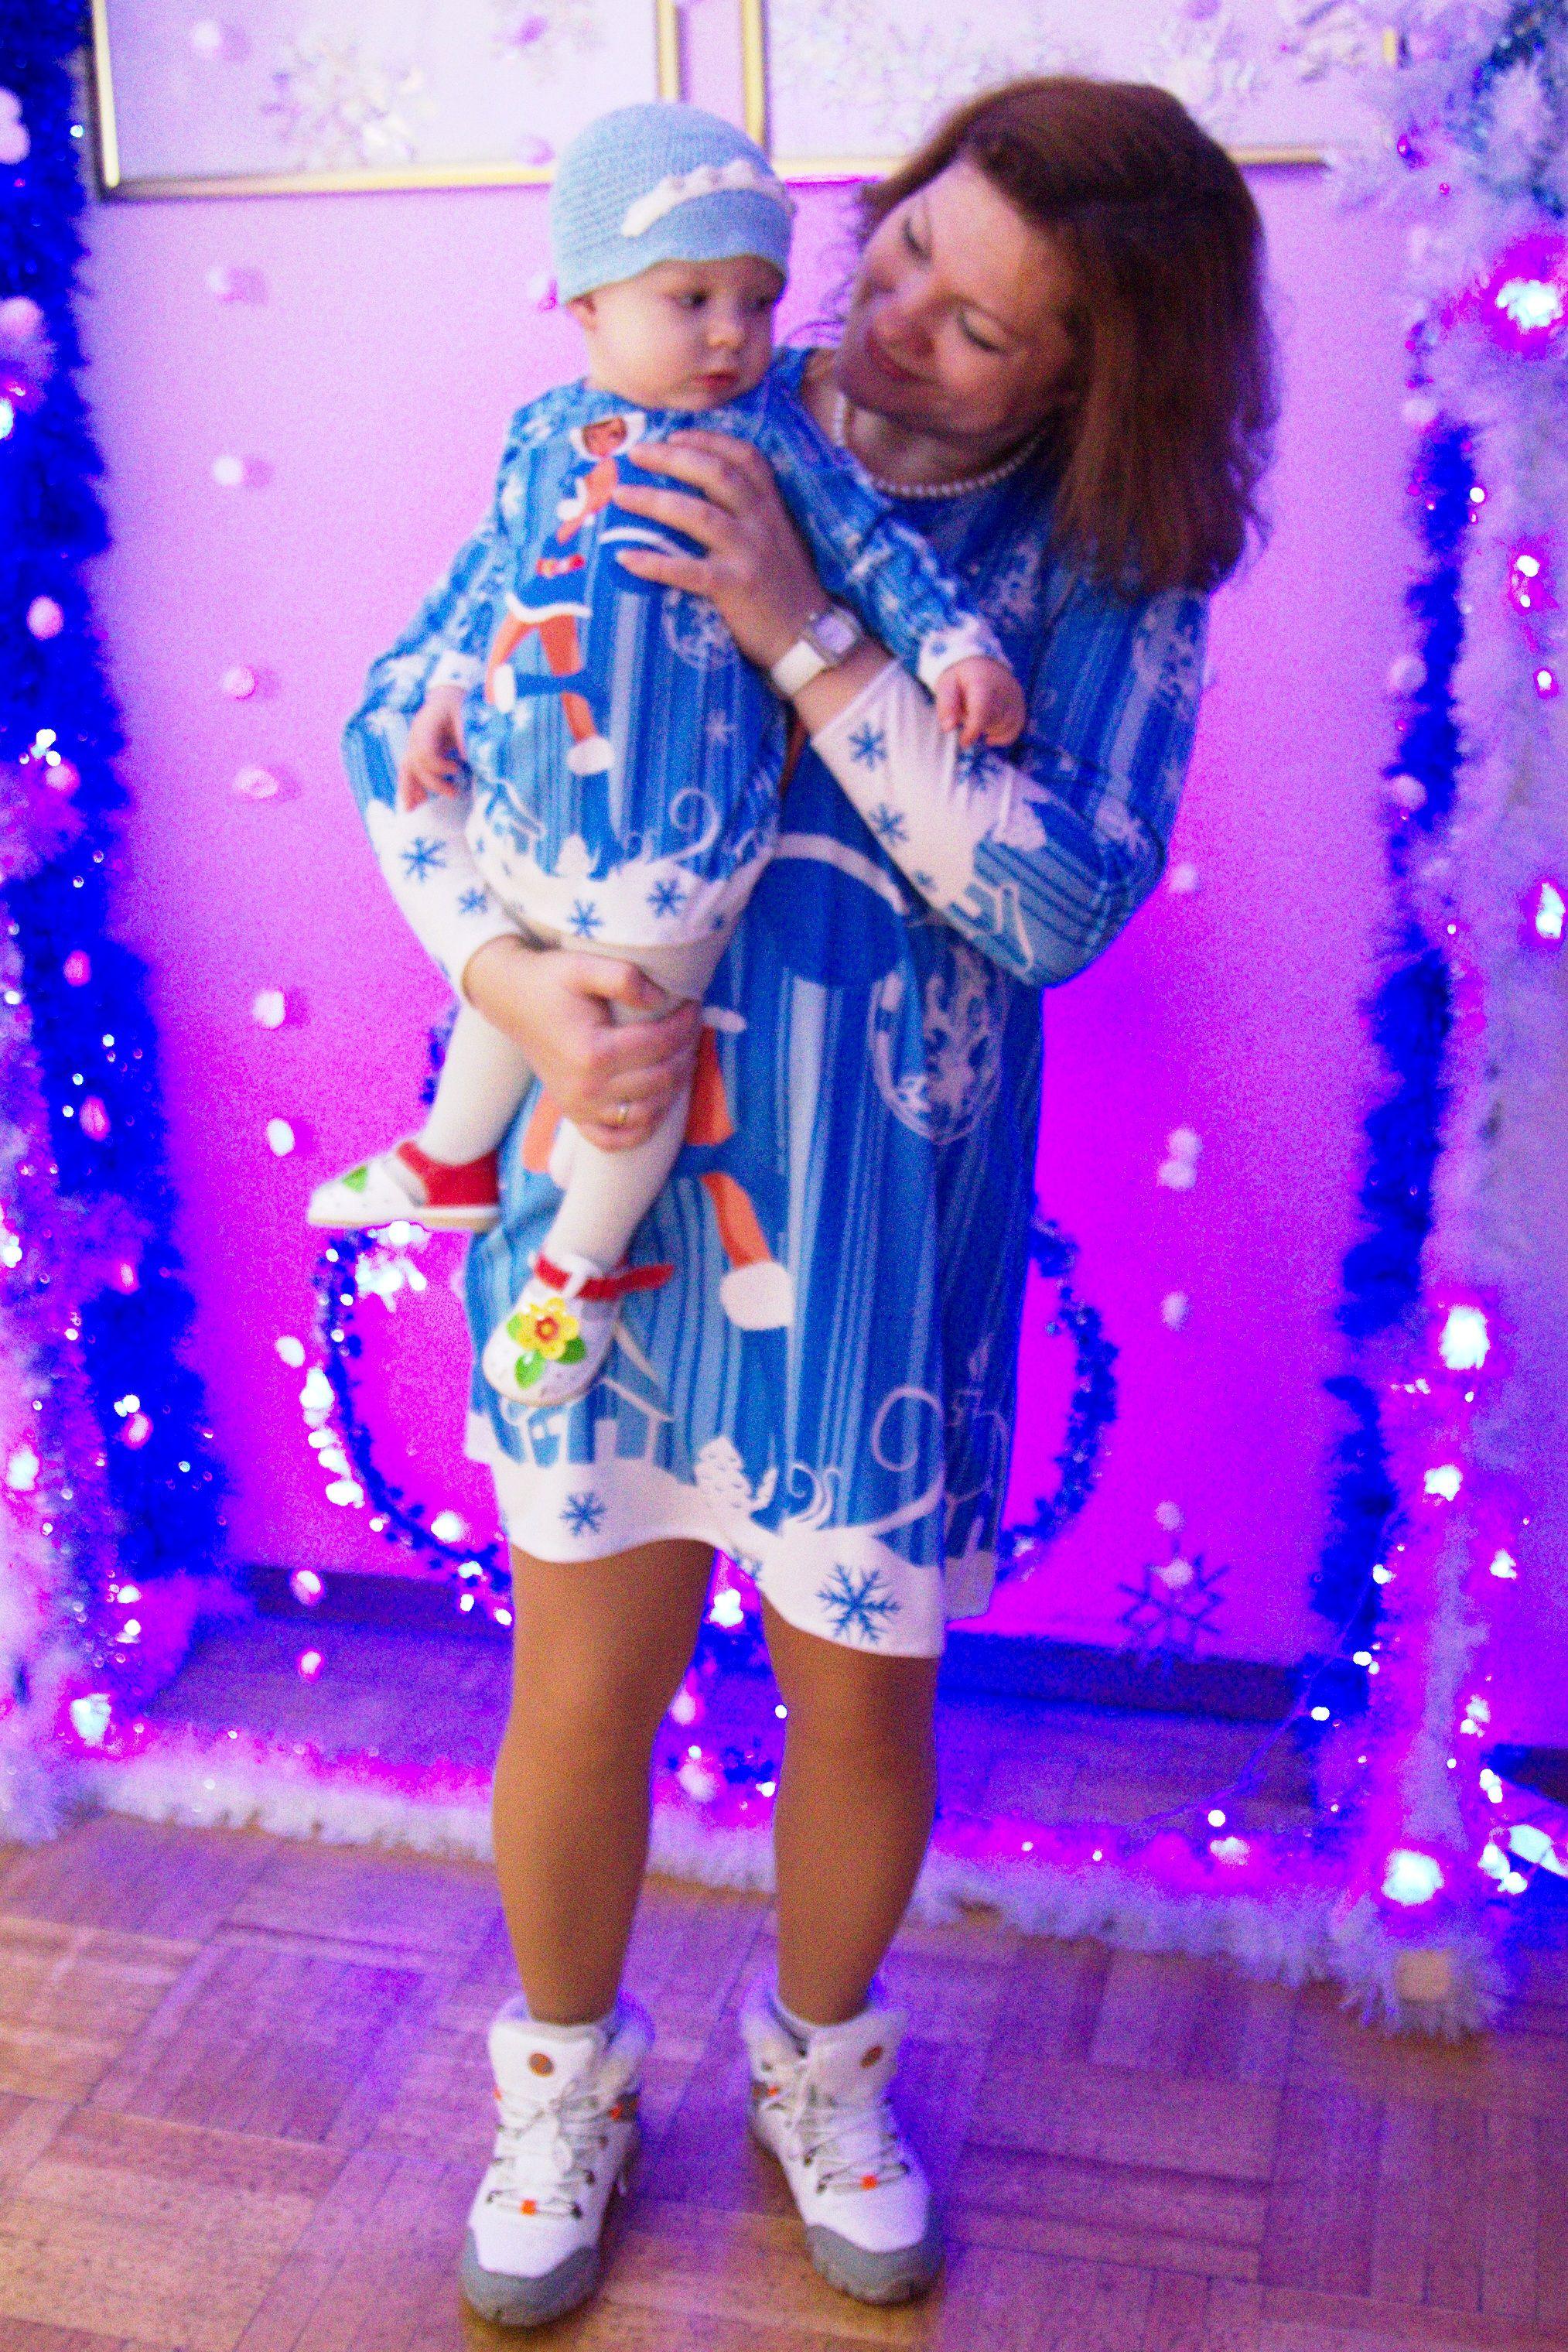 дочки семейный новогоднее красивое нарядное мамы костюмы лук девочки фемели новый одежда детская ручная платья праздник девочкам для продажа купить новогодние женская работа family look шитьё год стиль платье